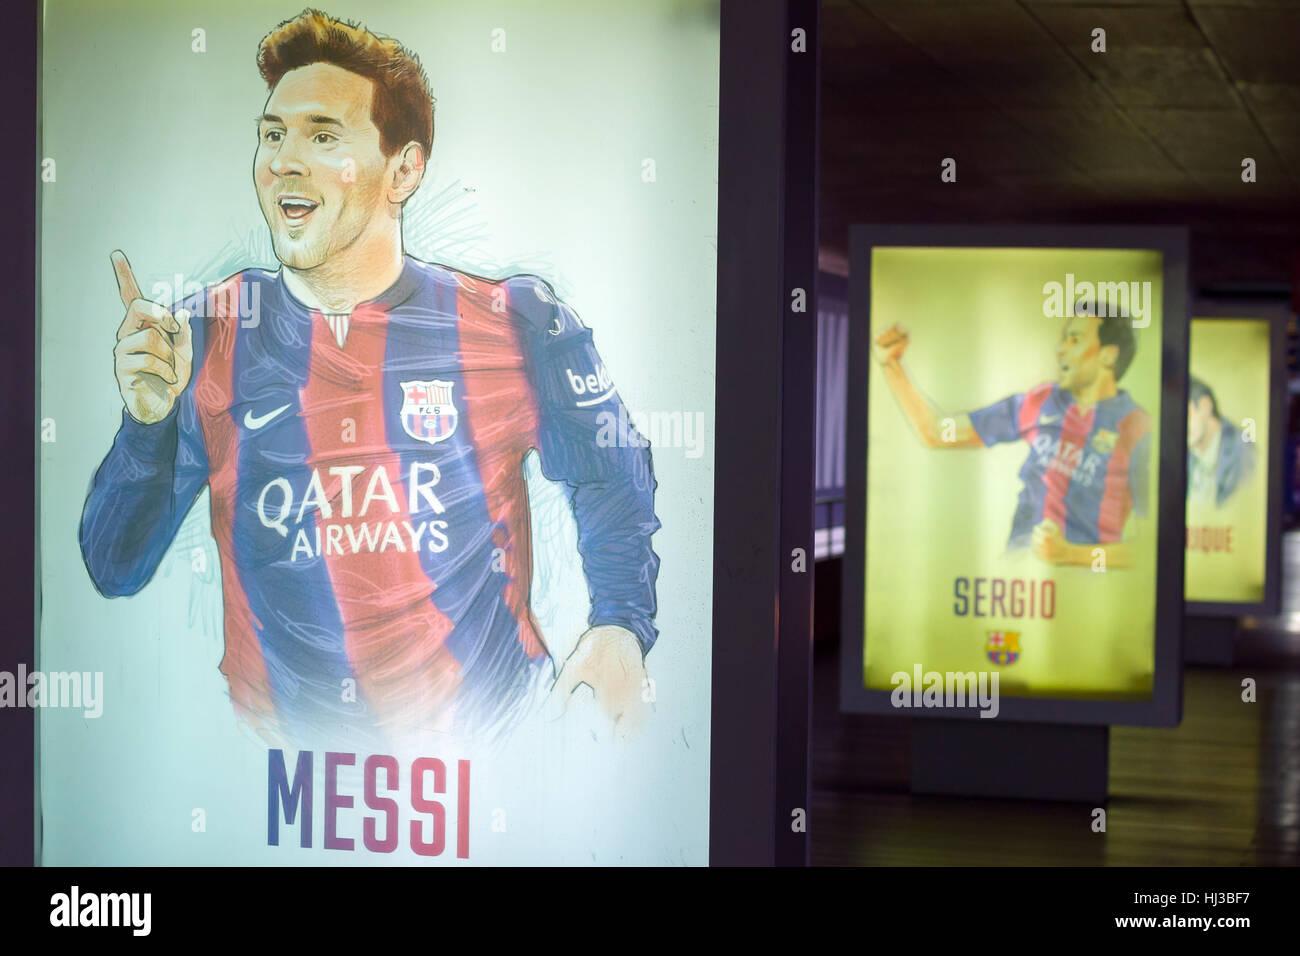 Barcellona, Spagna - 22 Settembre 2014: disegnati a mano i calciatori poster presso il Museo FC Barcelona. Lionel Immagini Stock